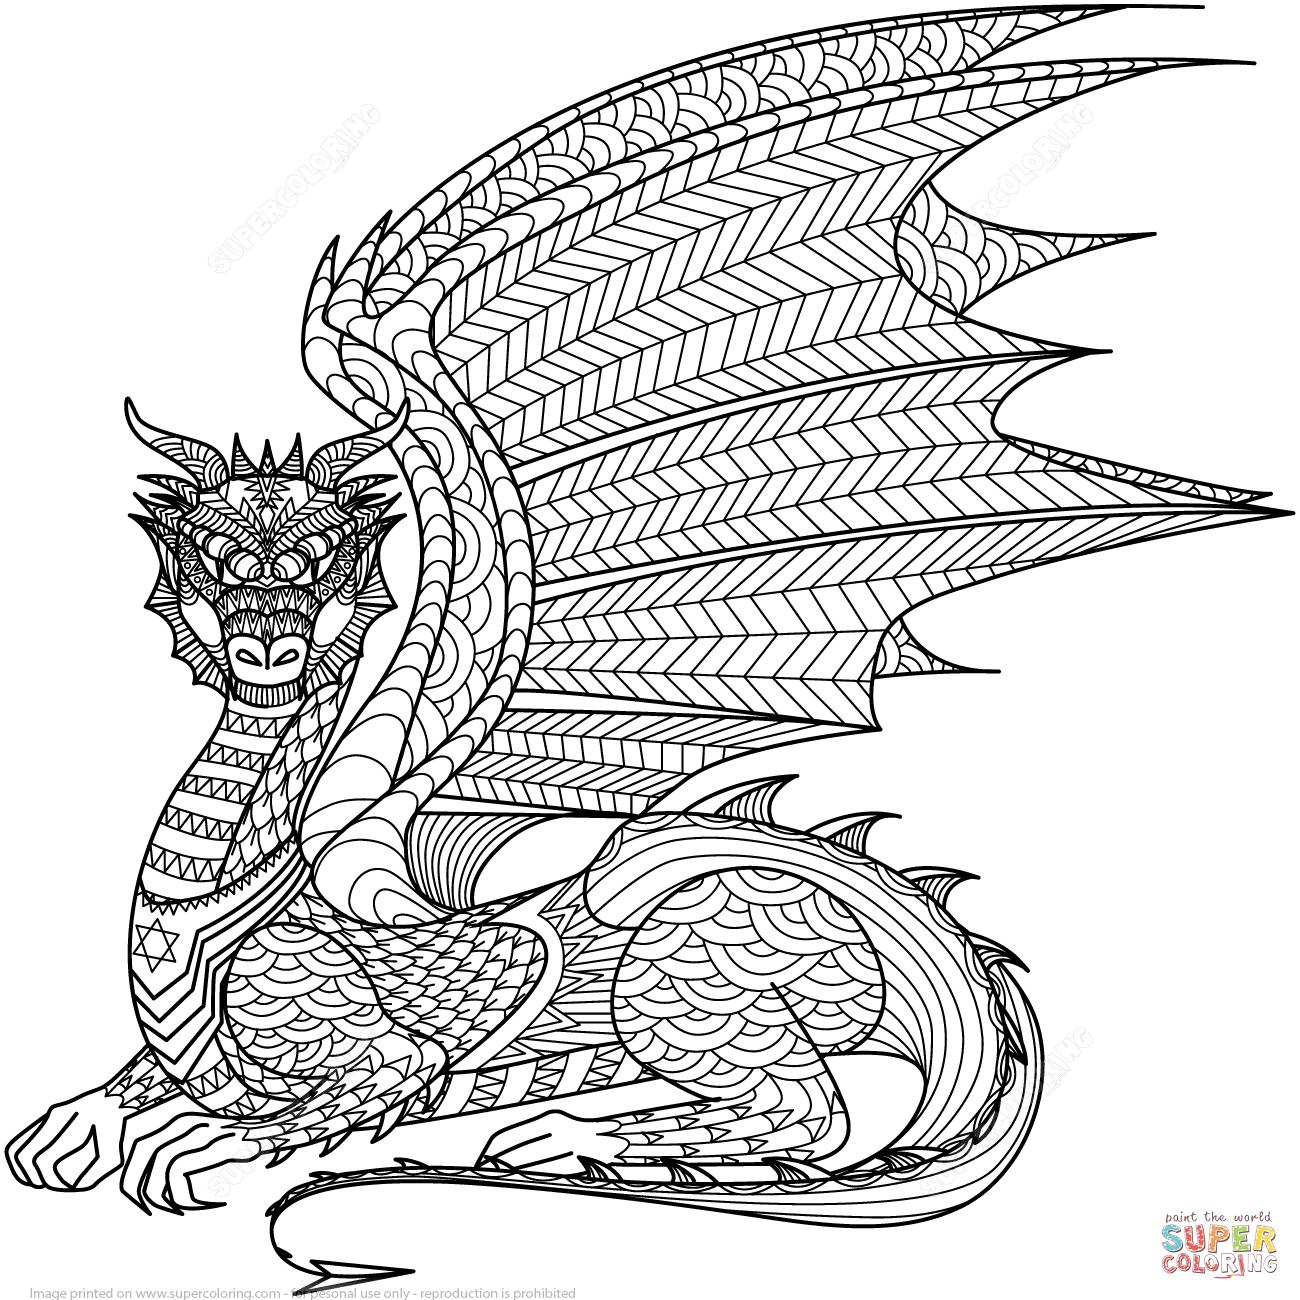 Ausmalbild: Zentangel Drachen. Kategorien: Zentangle für Drachen Ausmalbilder Zum Ausdrucken